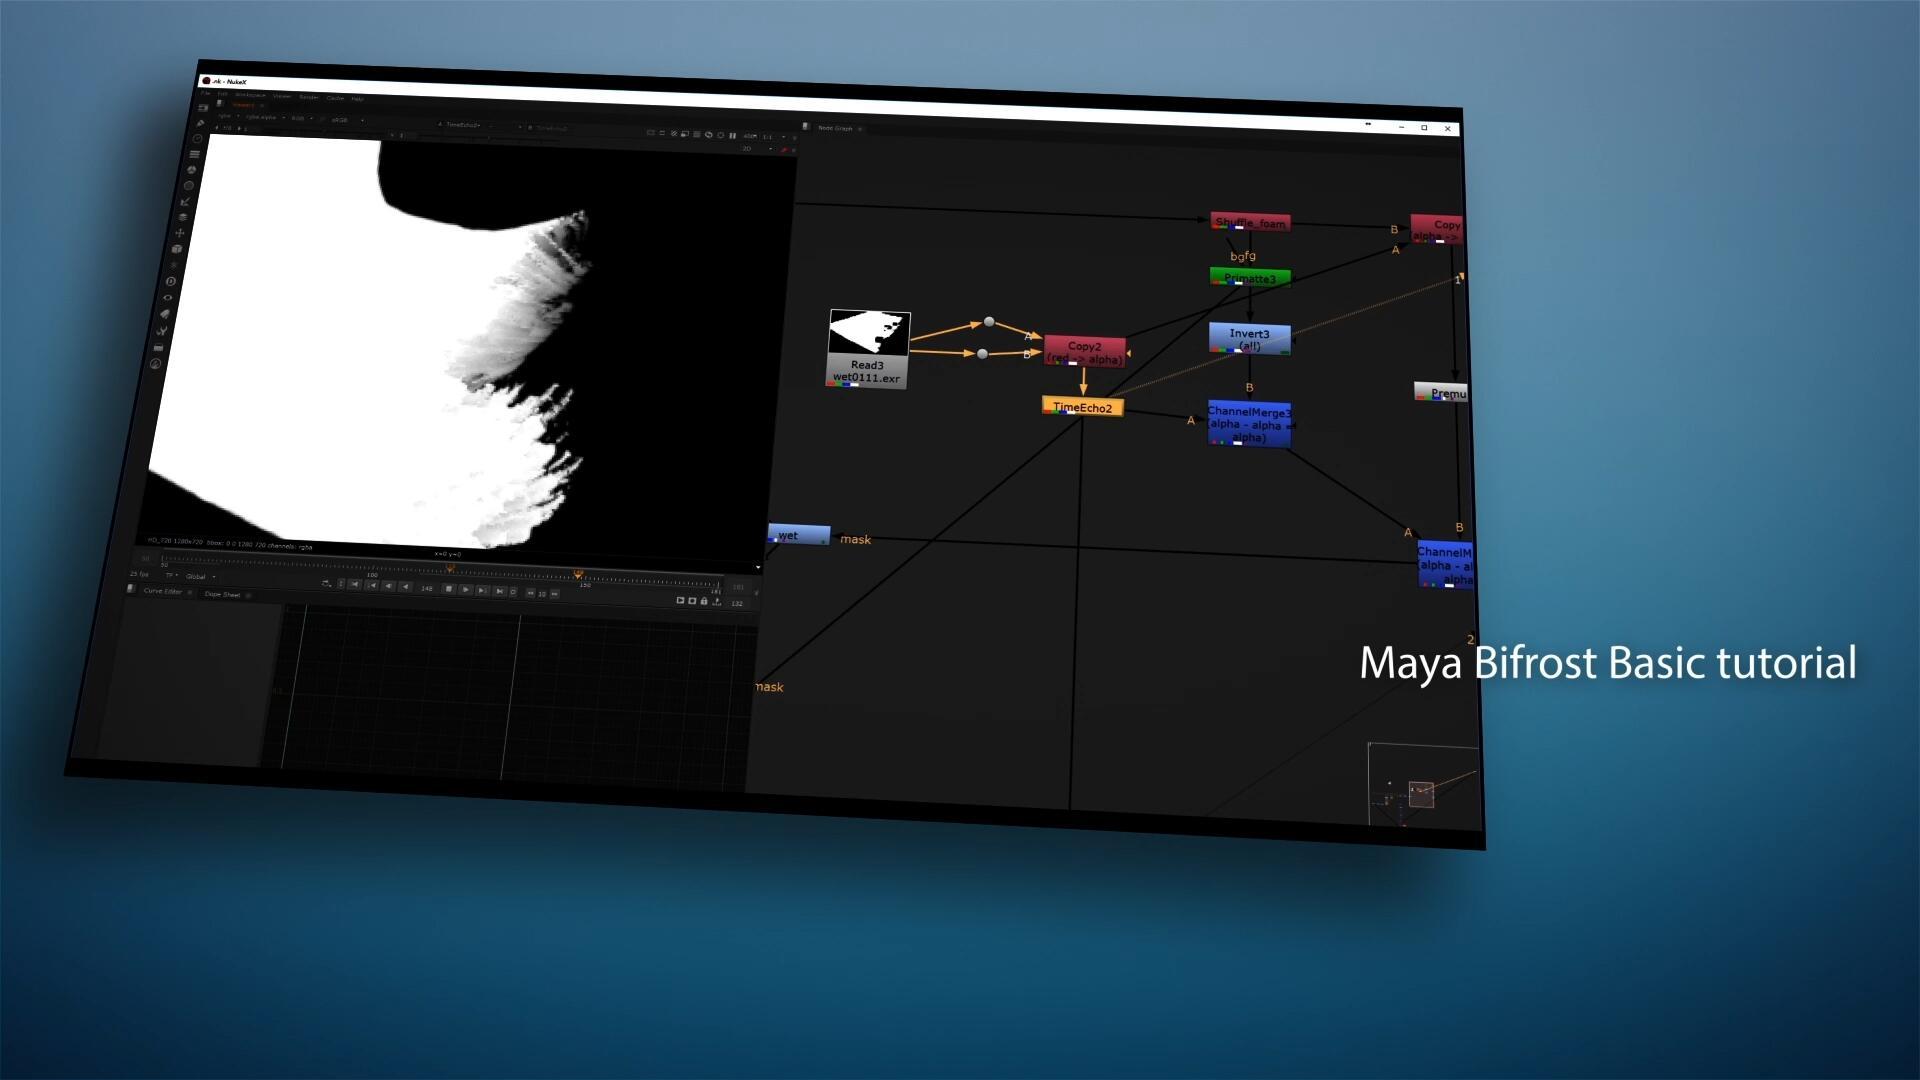 原创中文教程-影视级流体特效案例Maya Bifrost Basic Tutorial BF全面基础教程